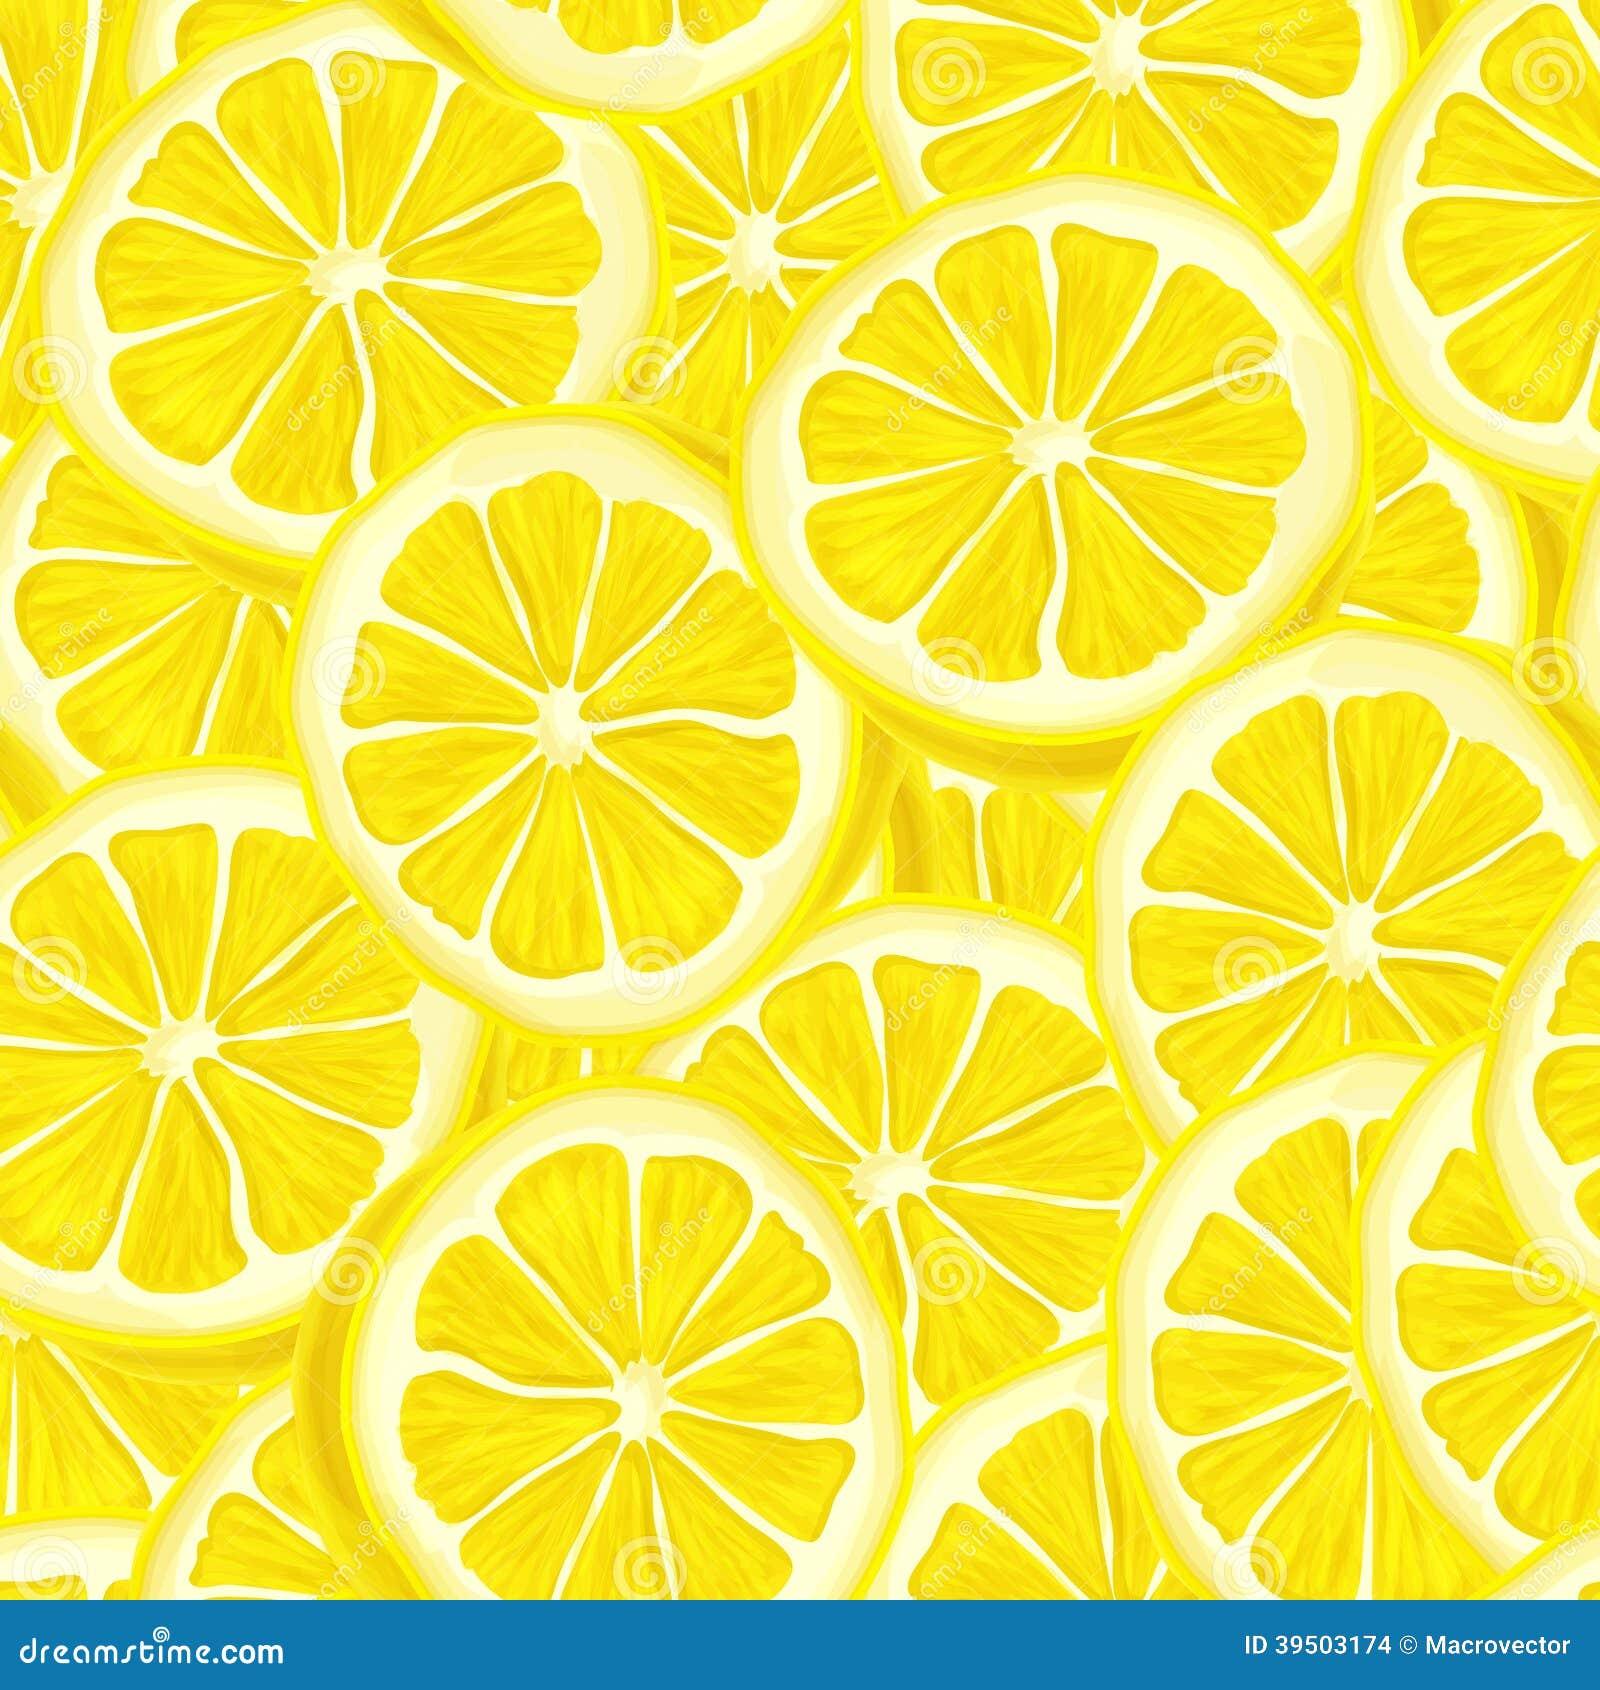 Sliced lemon seamless background